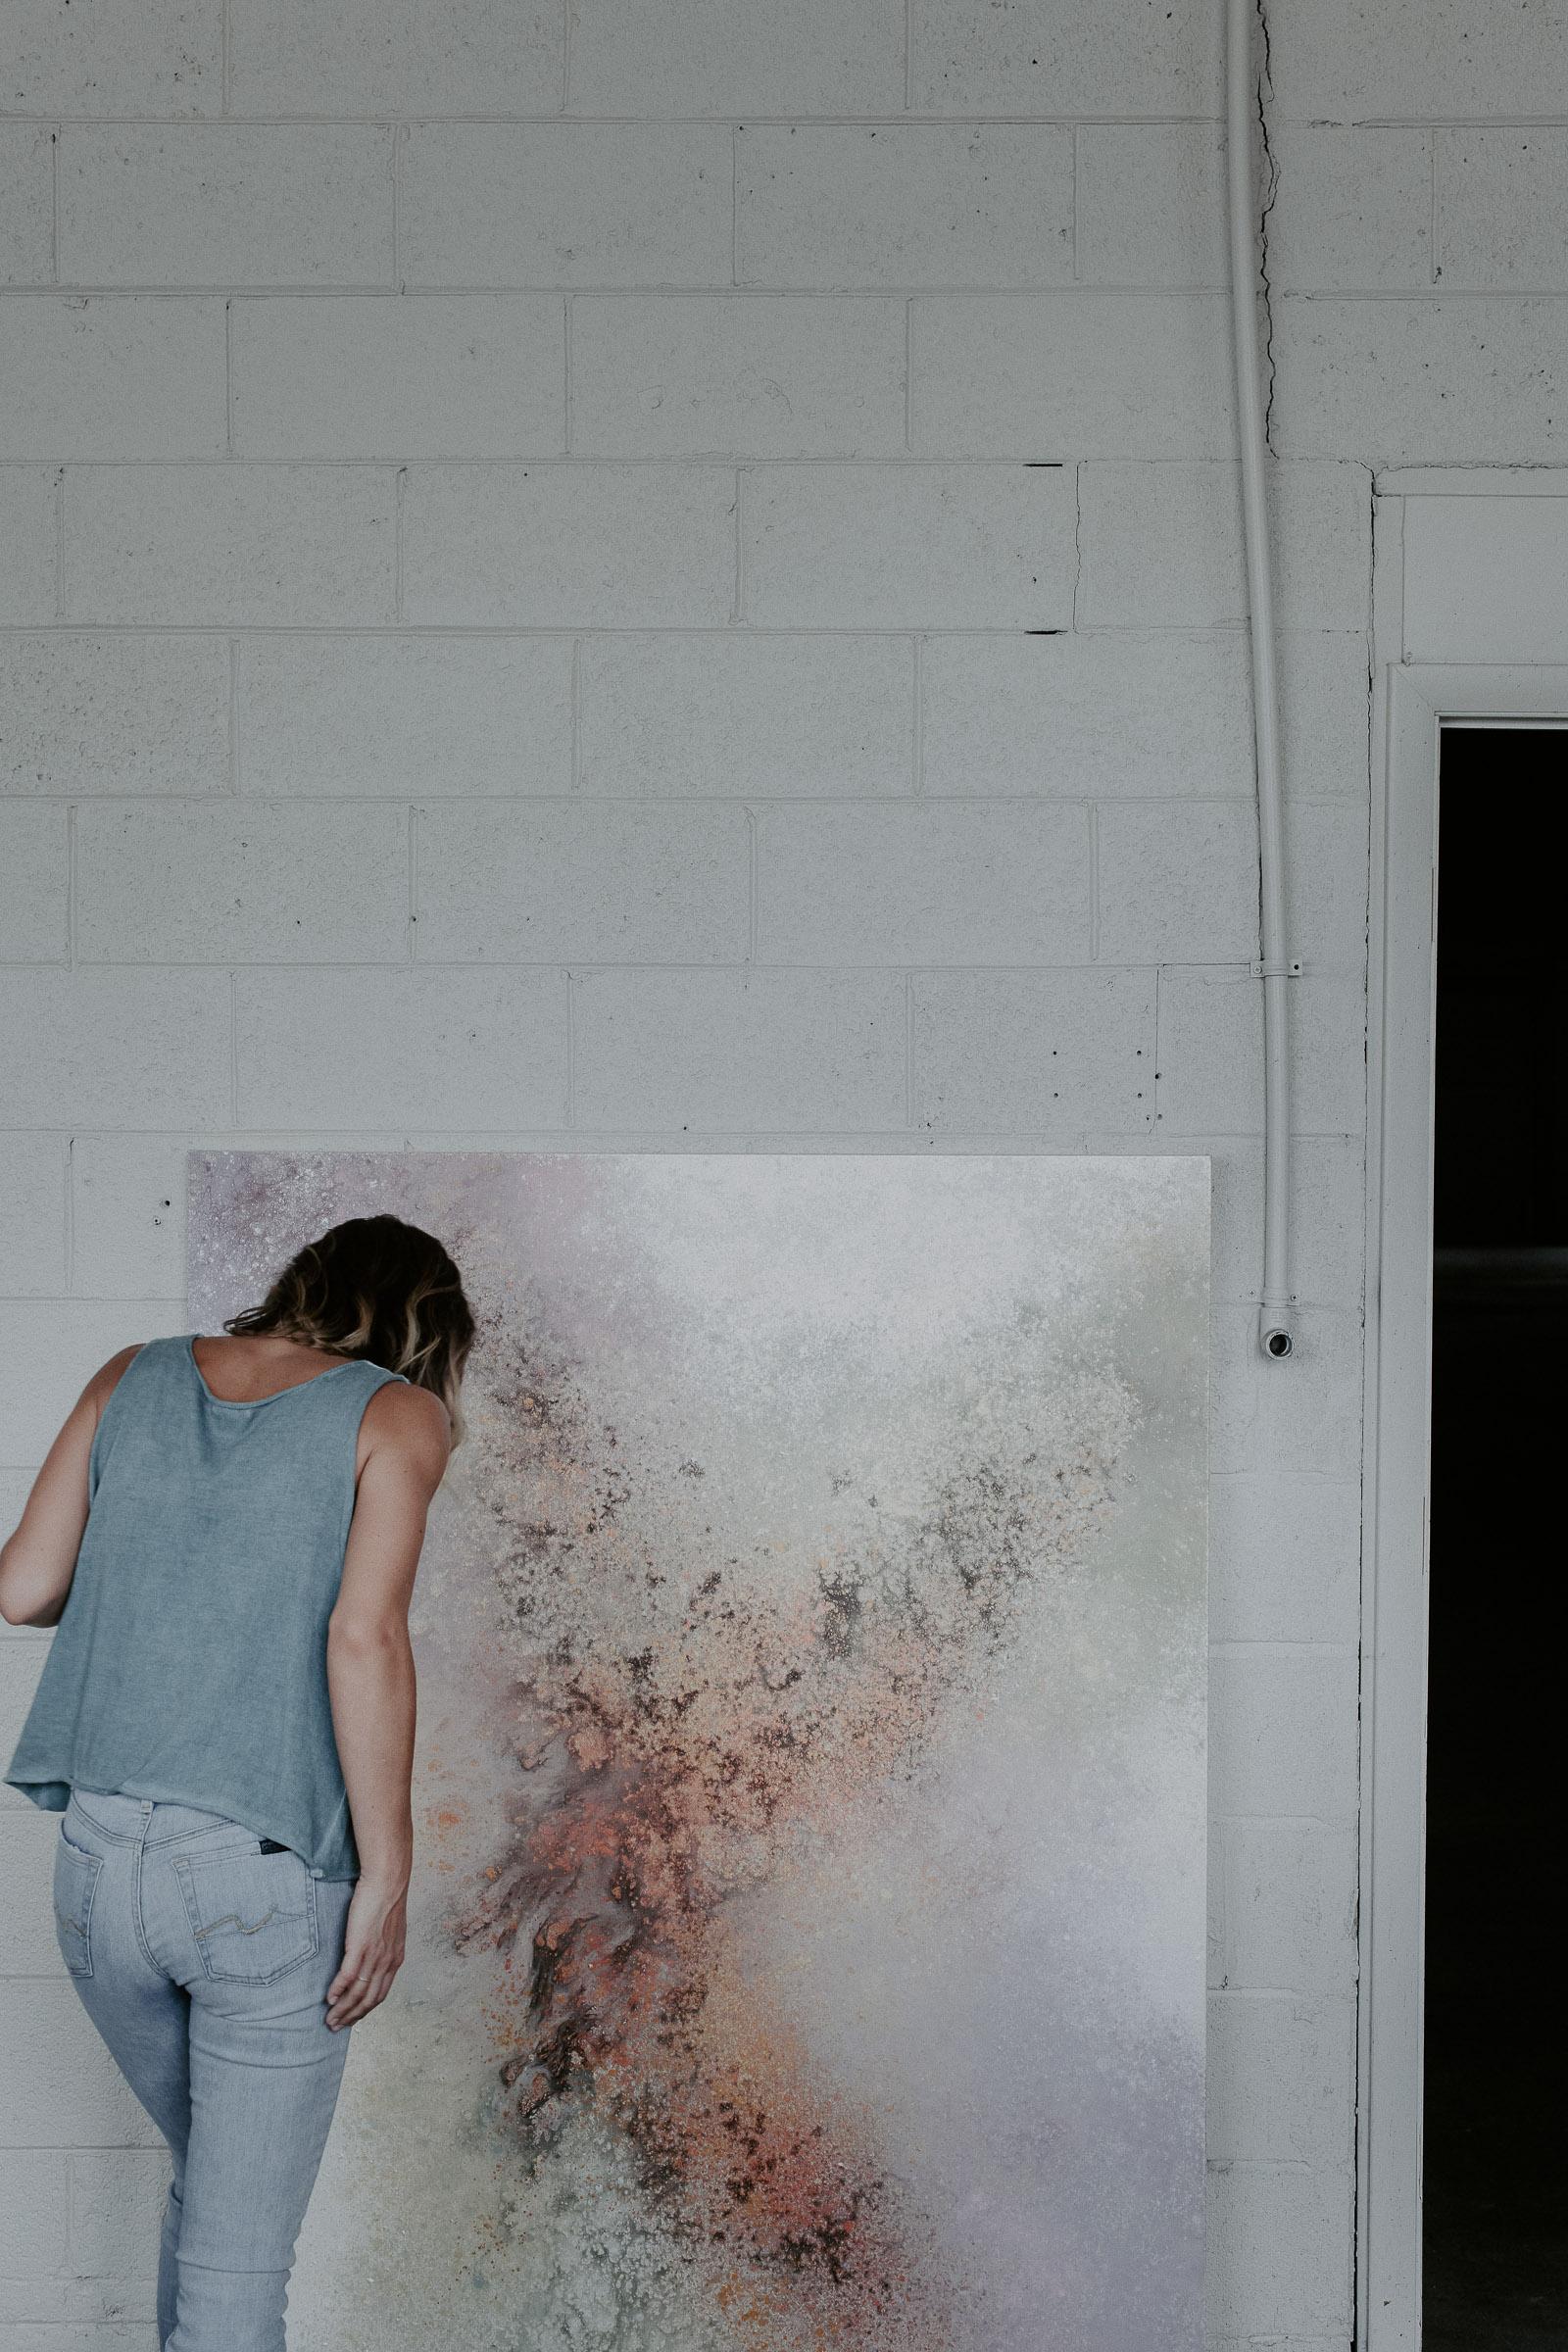 photograph of an artist